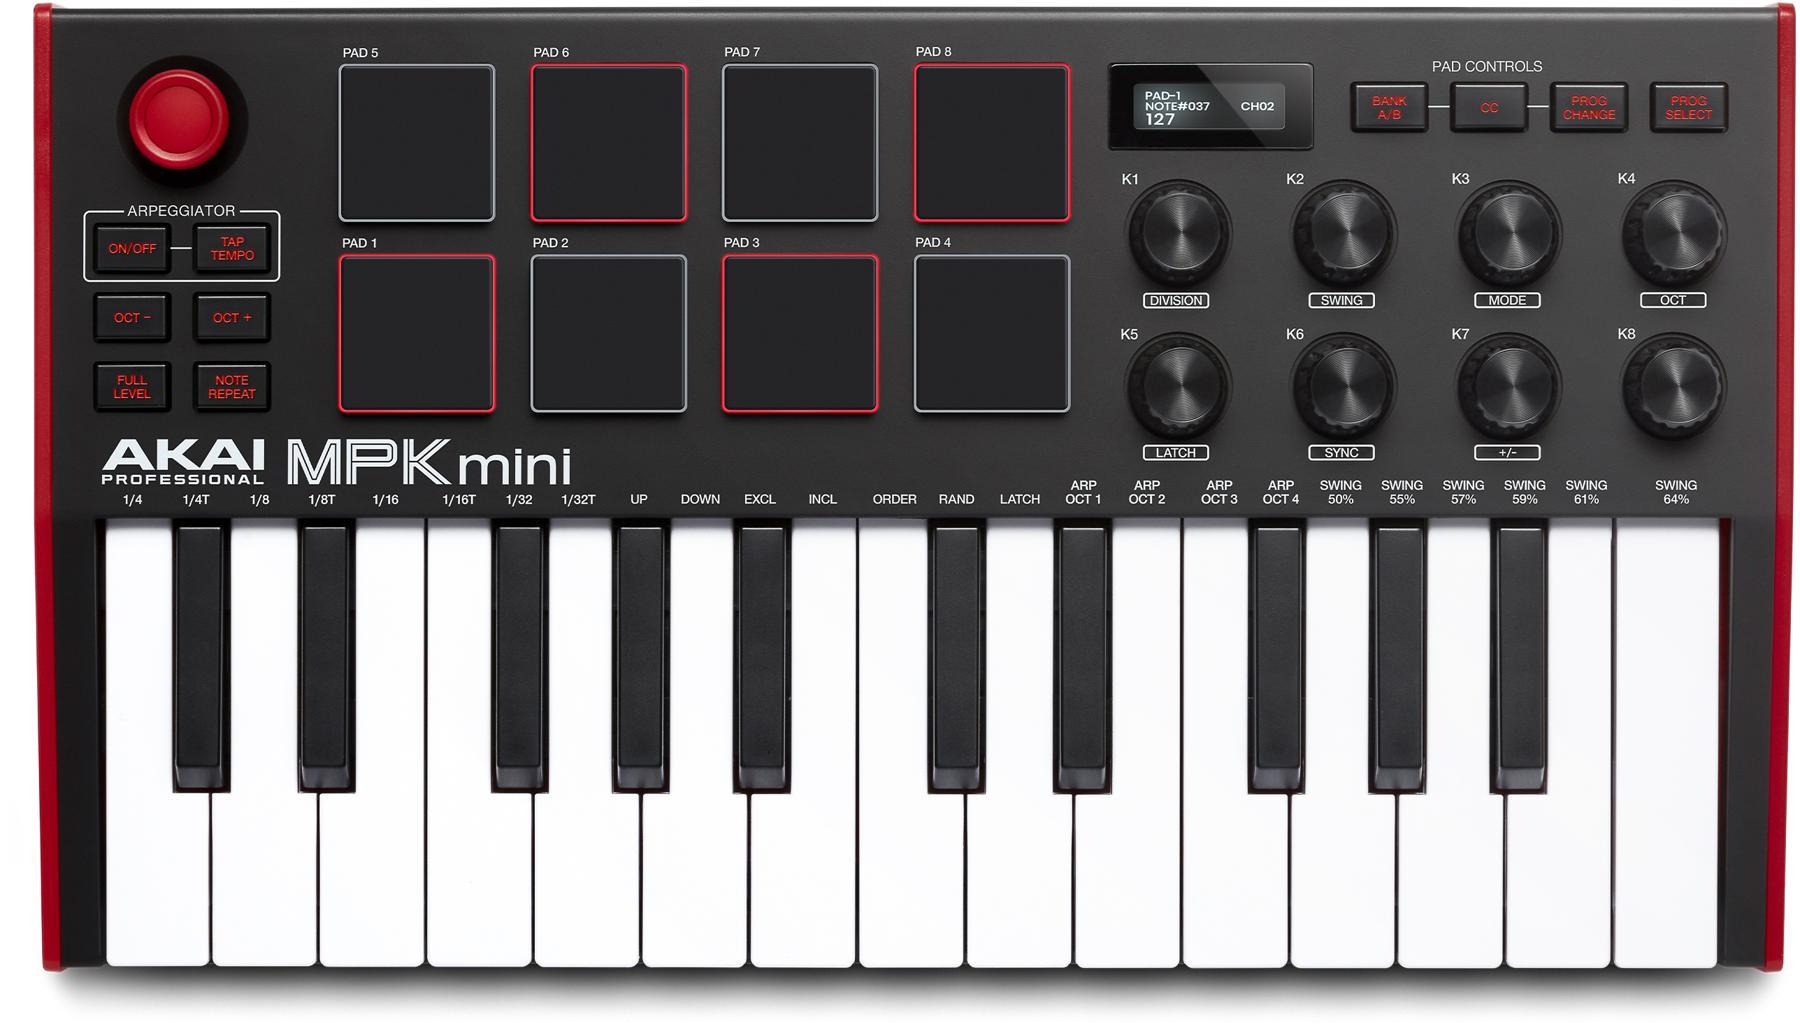 Akai Professional MPK Mini MK III 25-key Keyboard Controller